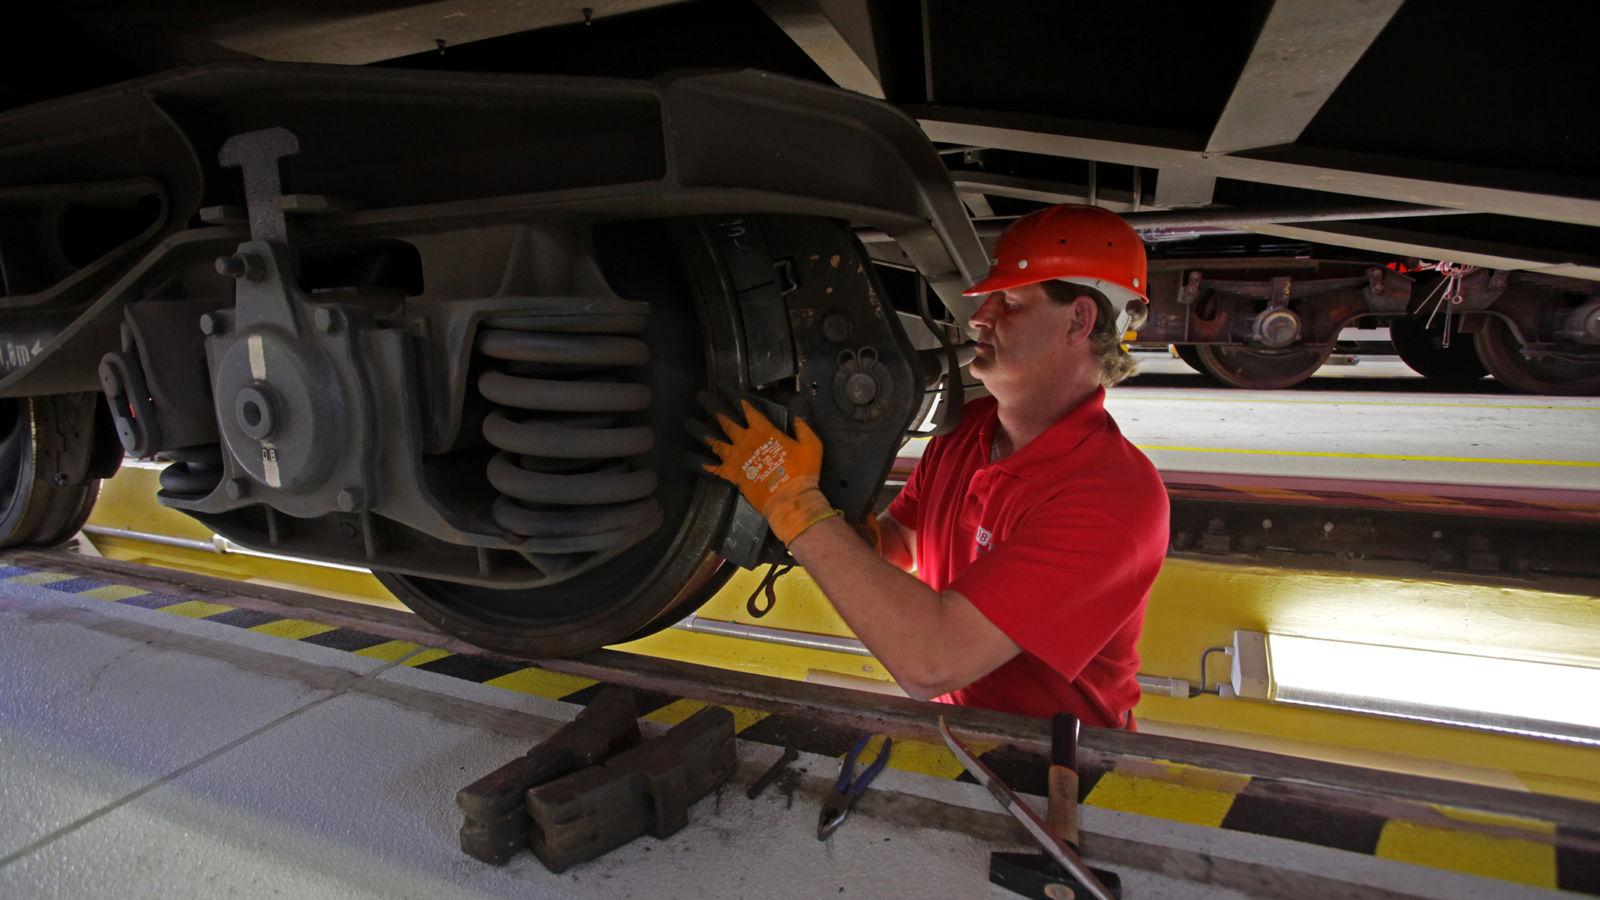 Ein Güterzug wird auf leise Bremsen umgerüstet. Das kostet die Güterwagenhalter Geld. Sie erwarten daher von dem Gesetz , dass es laute Güterwagen ausschließt. Beim kompletten Verbot lauter Güterwagen jedoch stellt sich die EU quer.